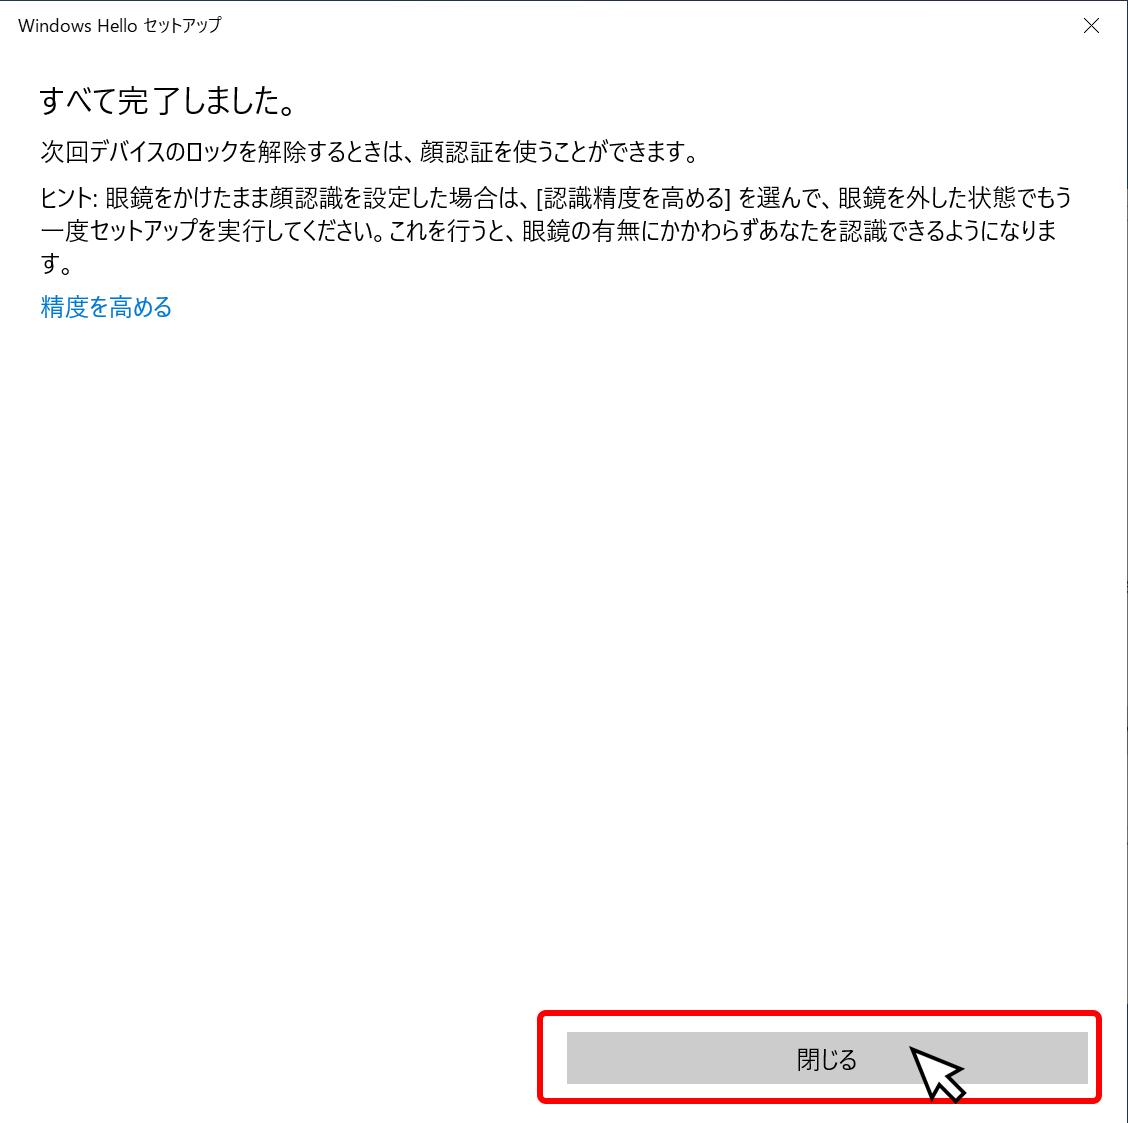 Windows Hello セットアップ完了